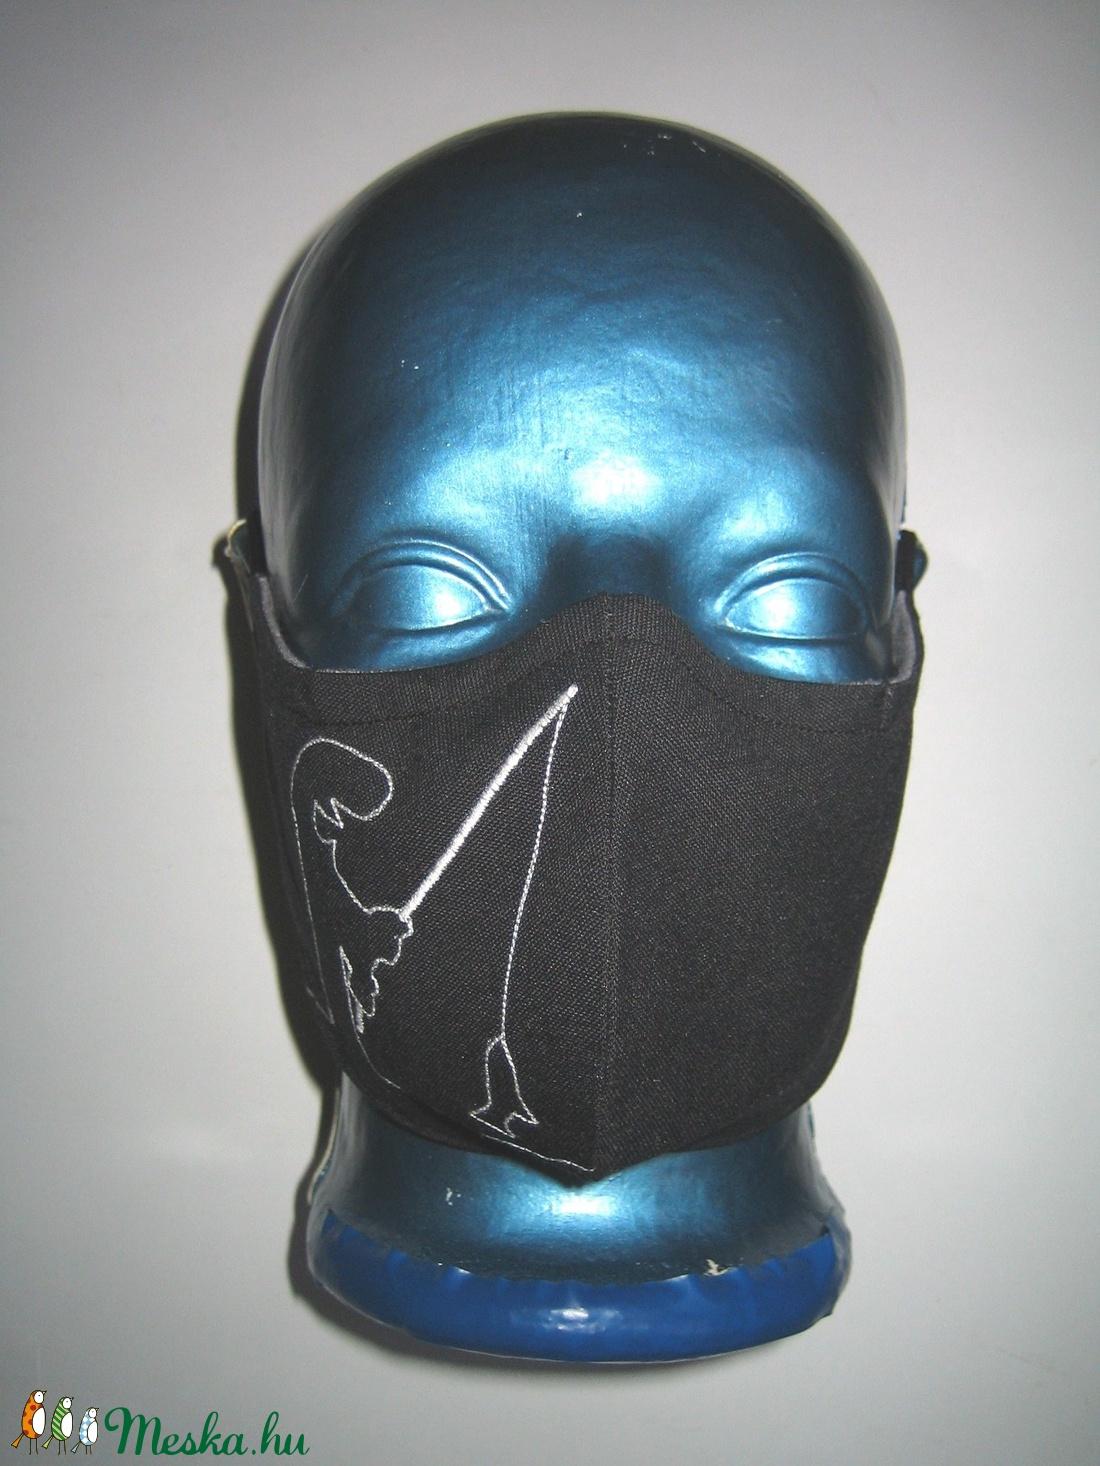 Menő Manó Szájmaszk fülre akasztható orrmerevítős arcmaszk  textilmaszk Horgászoknak - maszk, arcmaszk - női - Meska.hu